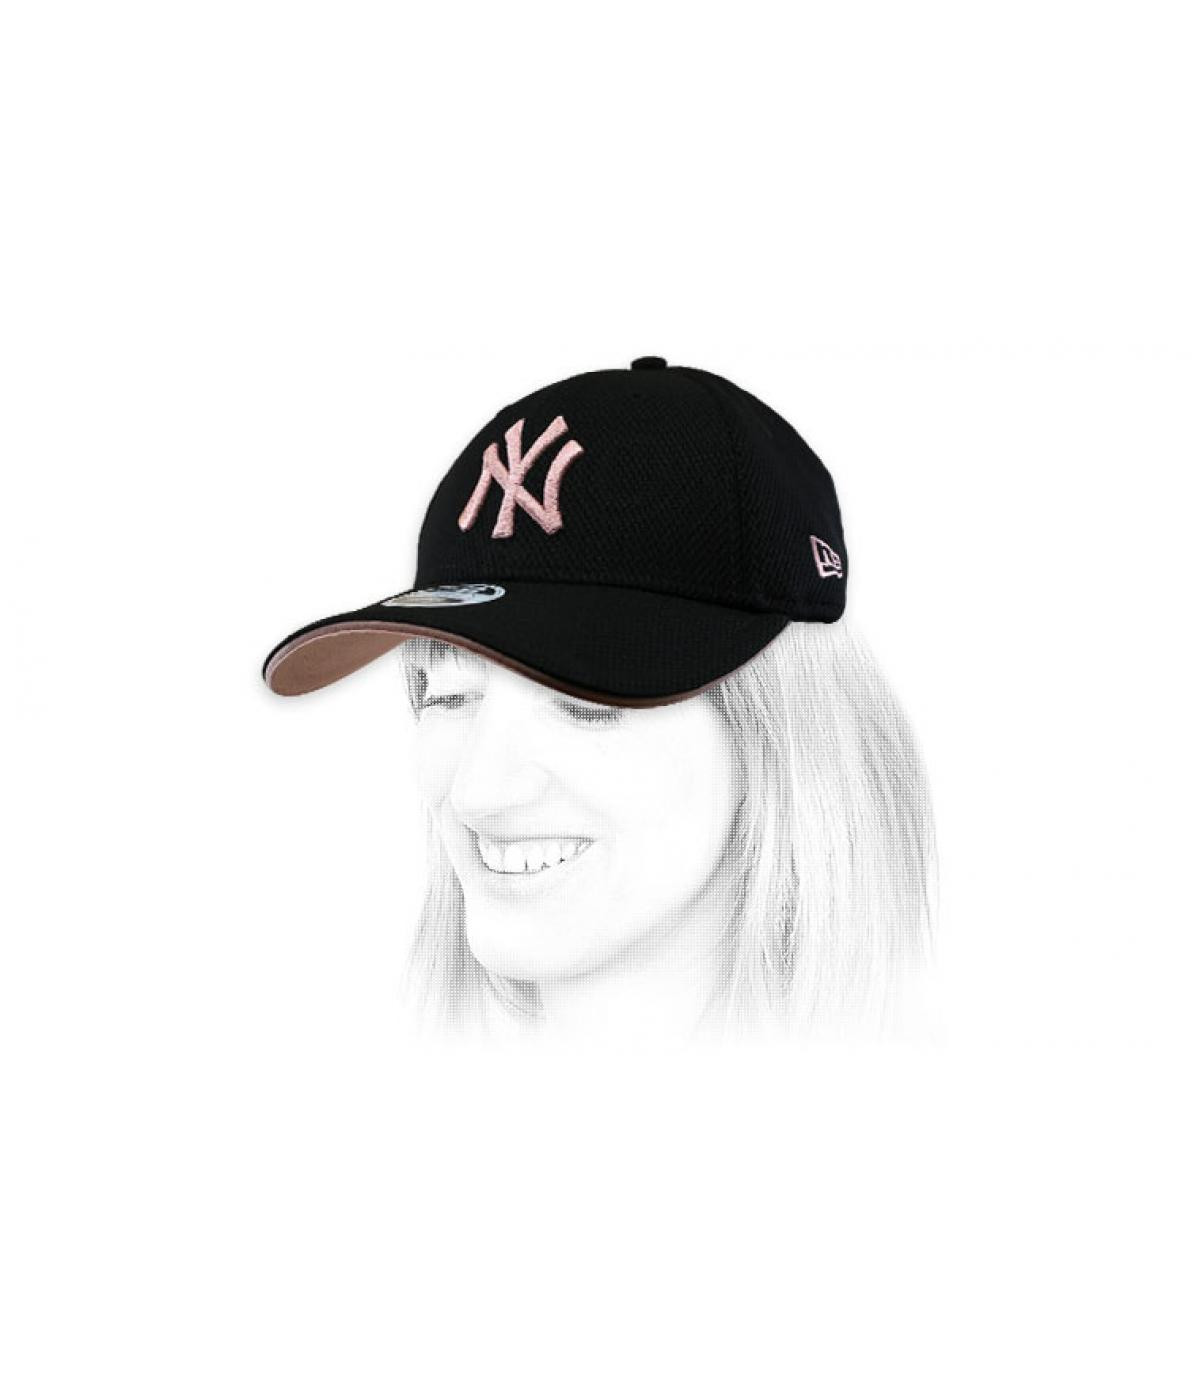 Damen Cap NY schwarz rosa